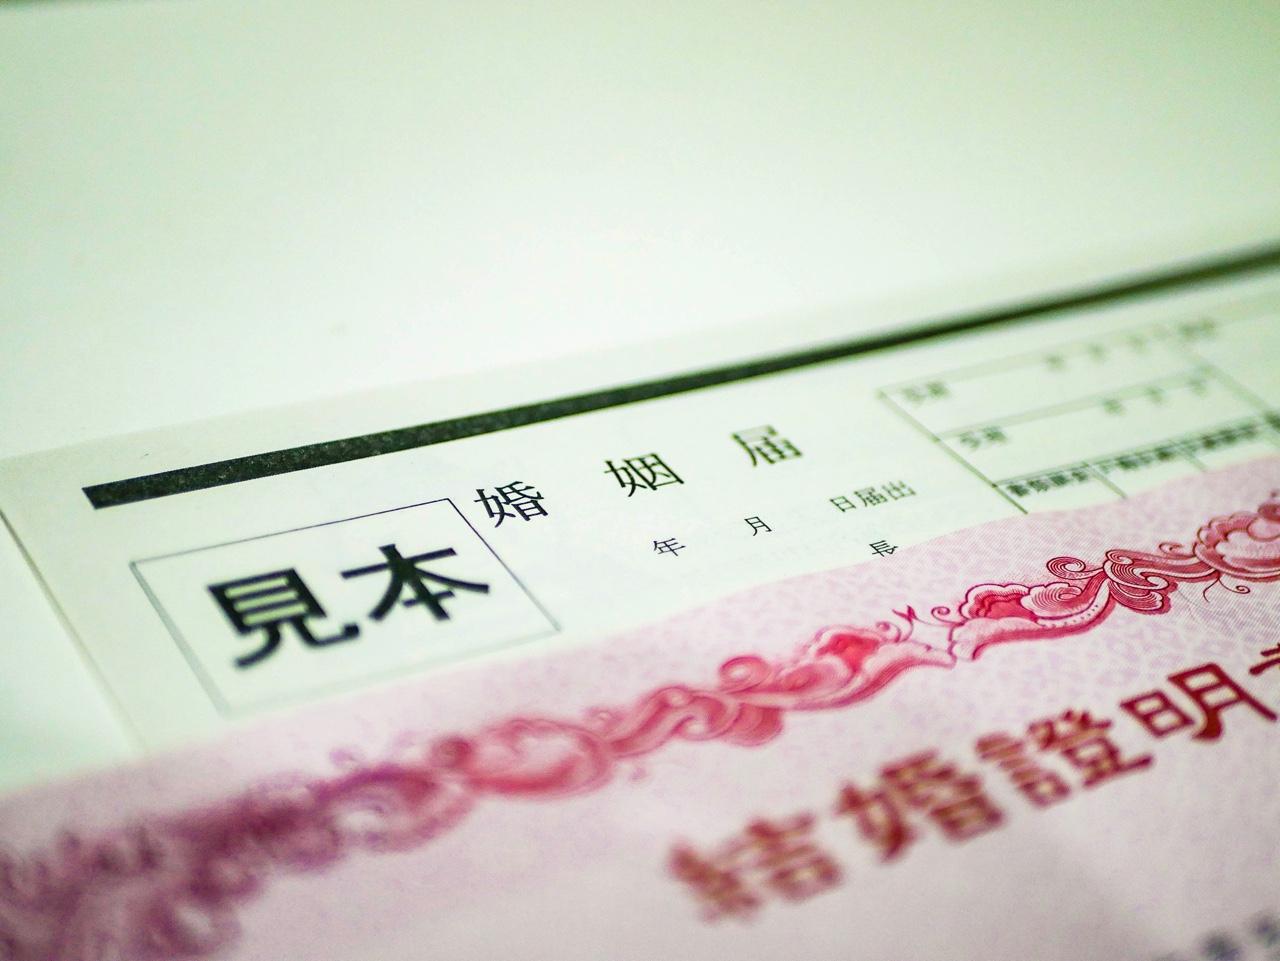 日本の婚姻届(見本)と台湾の結婚証明書